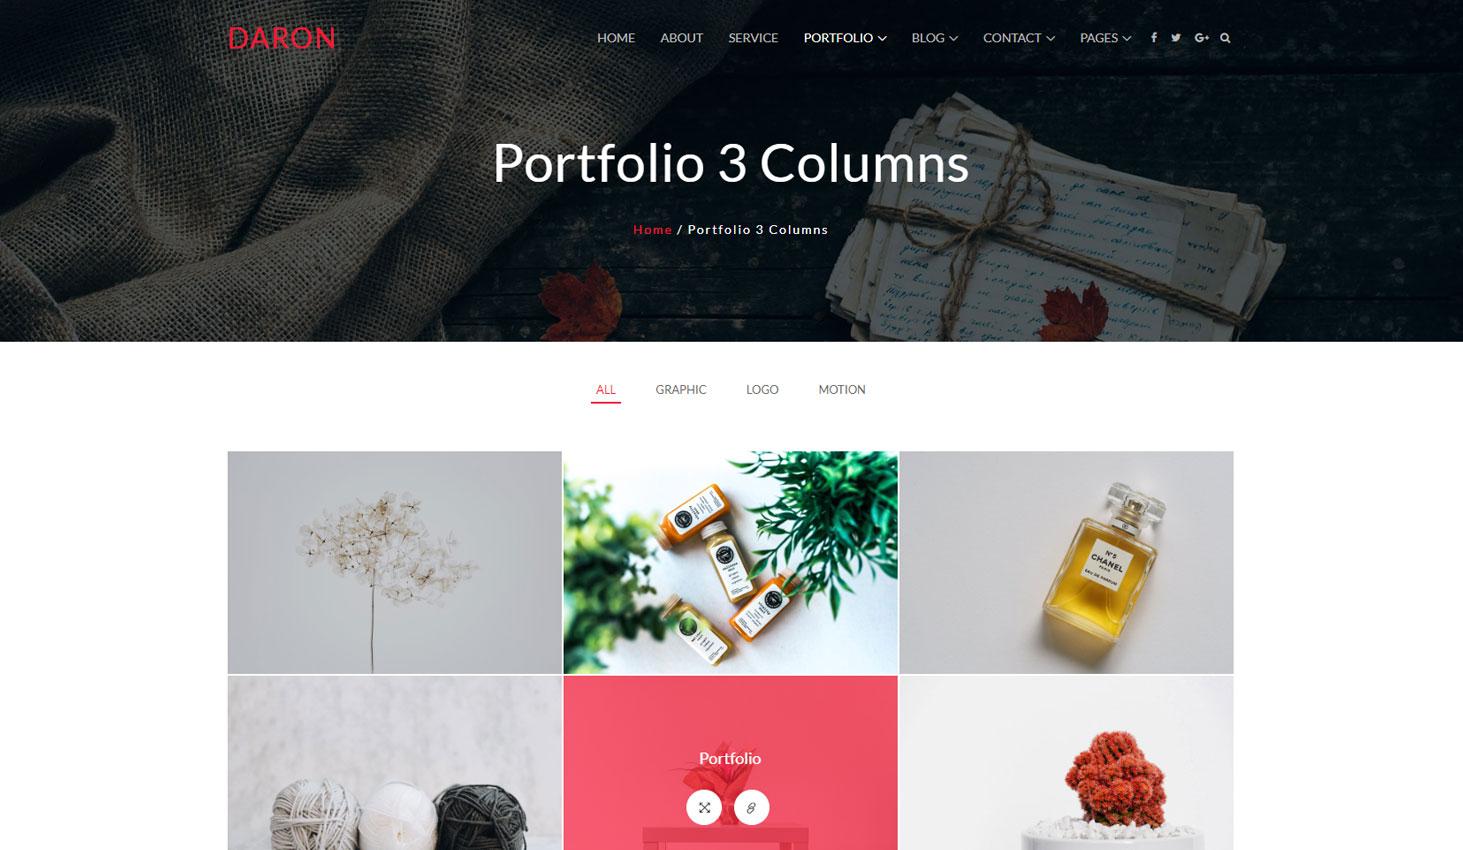 Daron premium wordpress theme portfolio three column